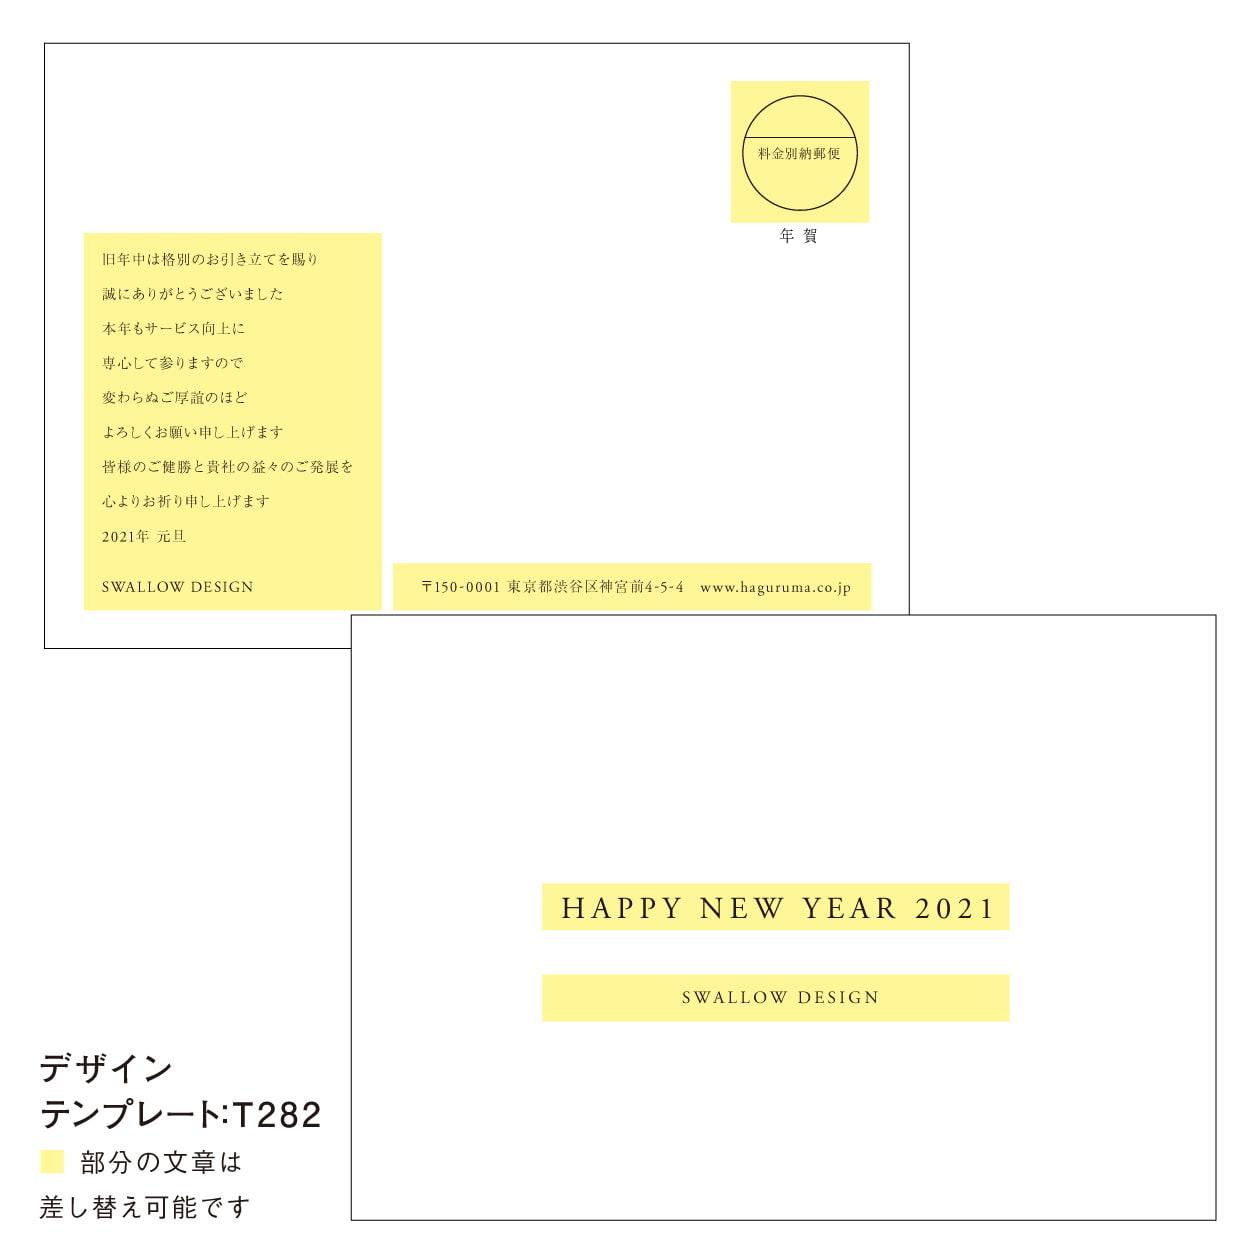 合紙カード×箔押しで存在感のある年賀状